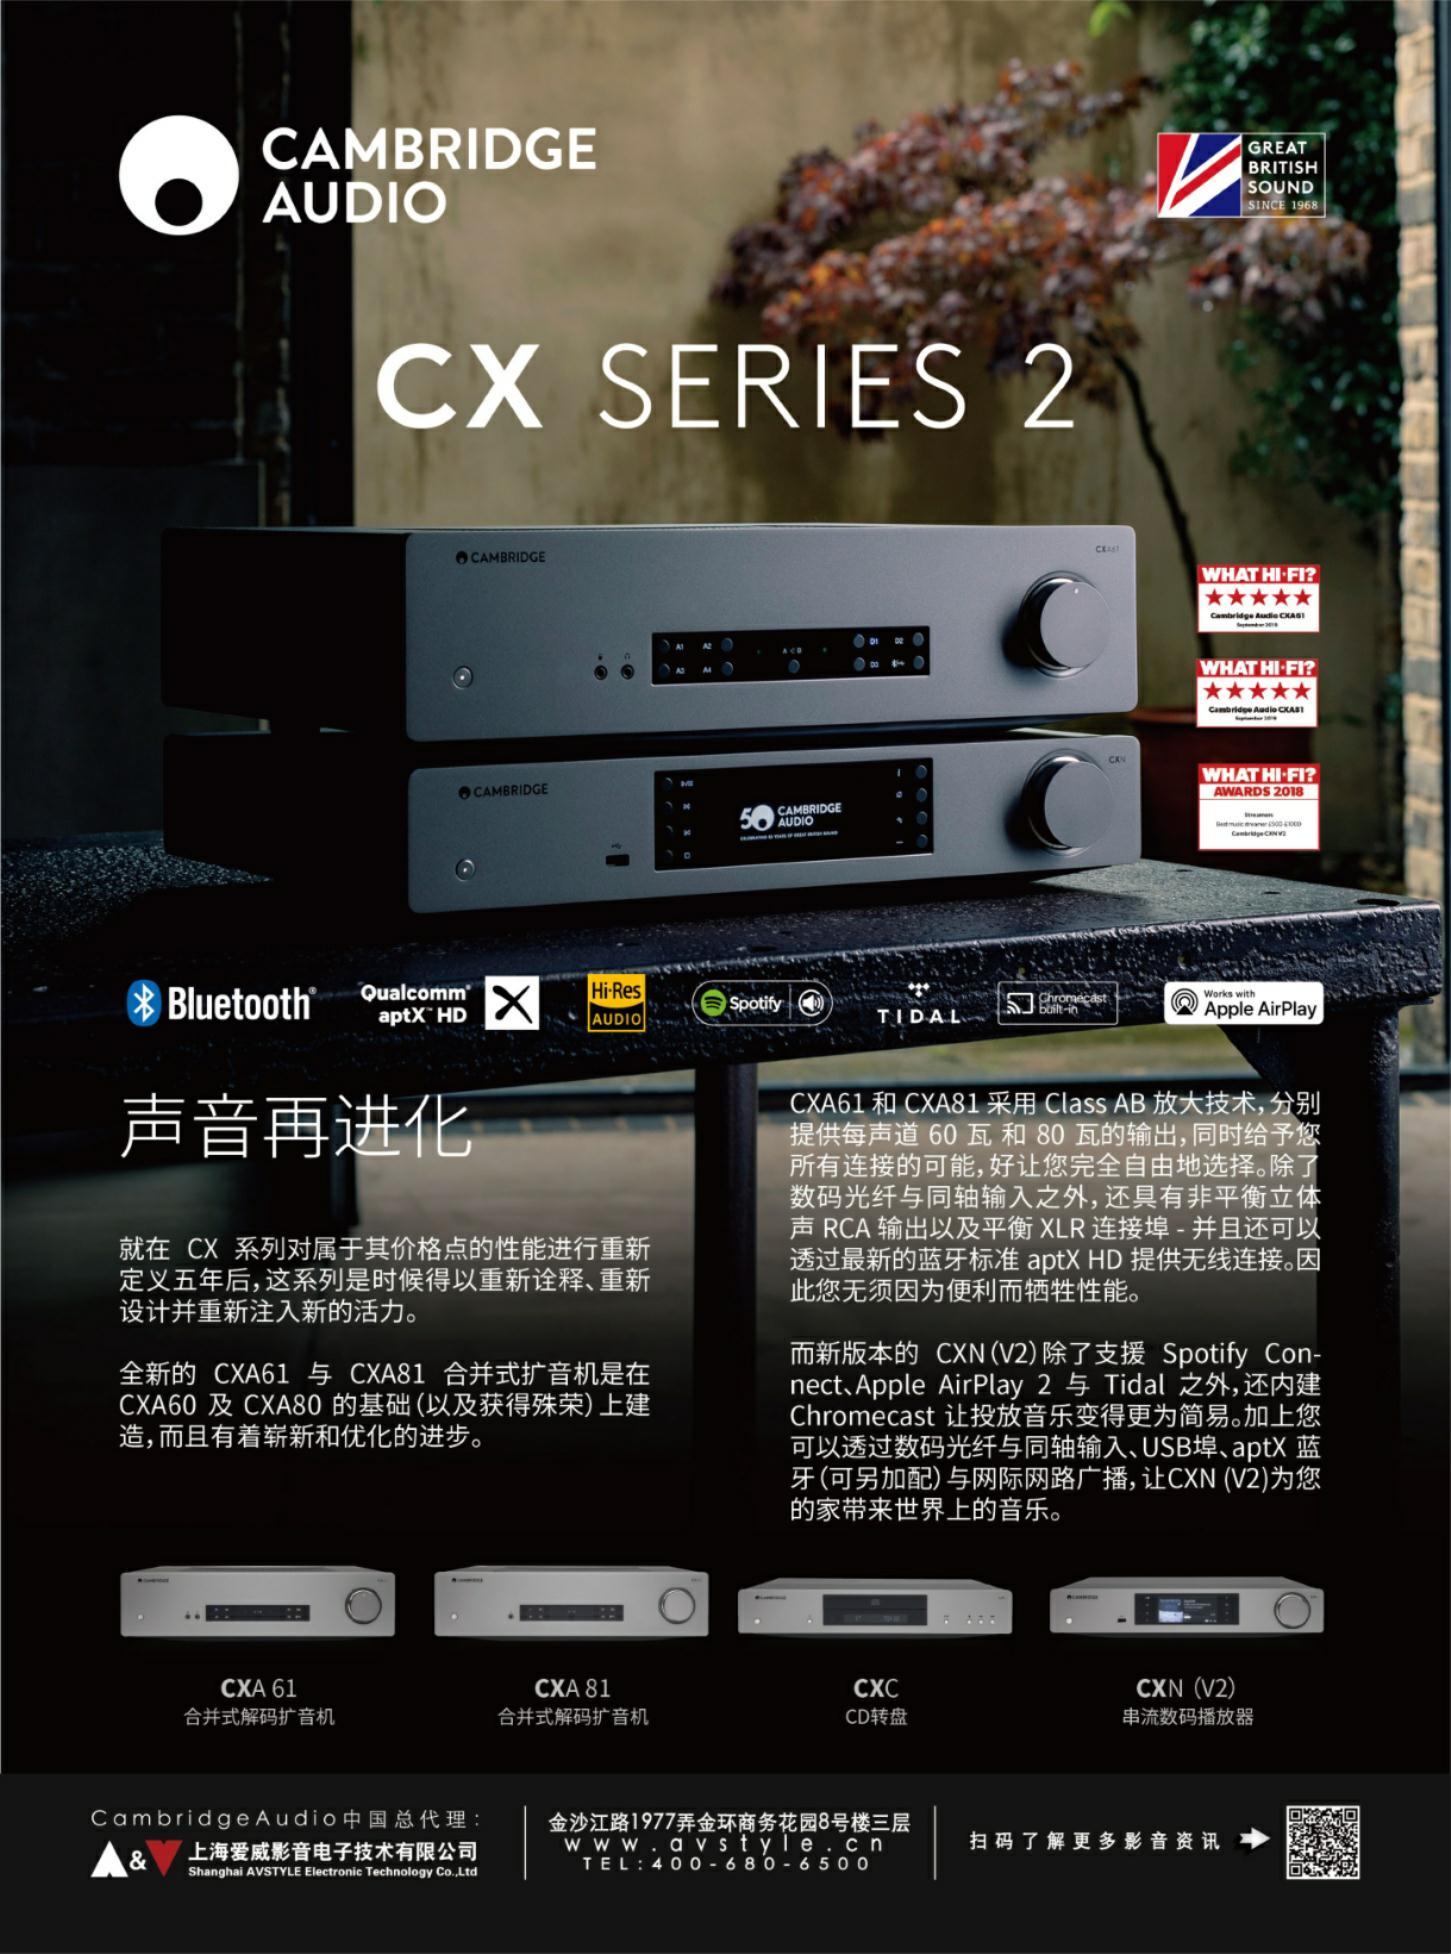 英国剑桥CX2系列正式上市